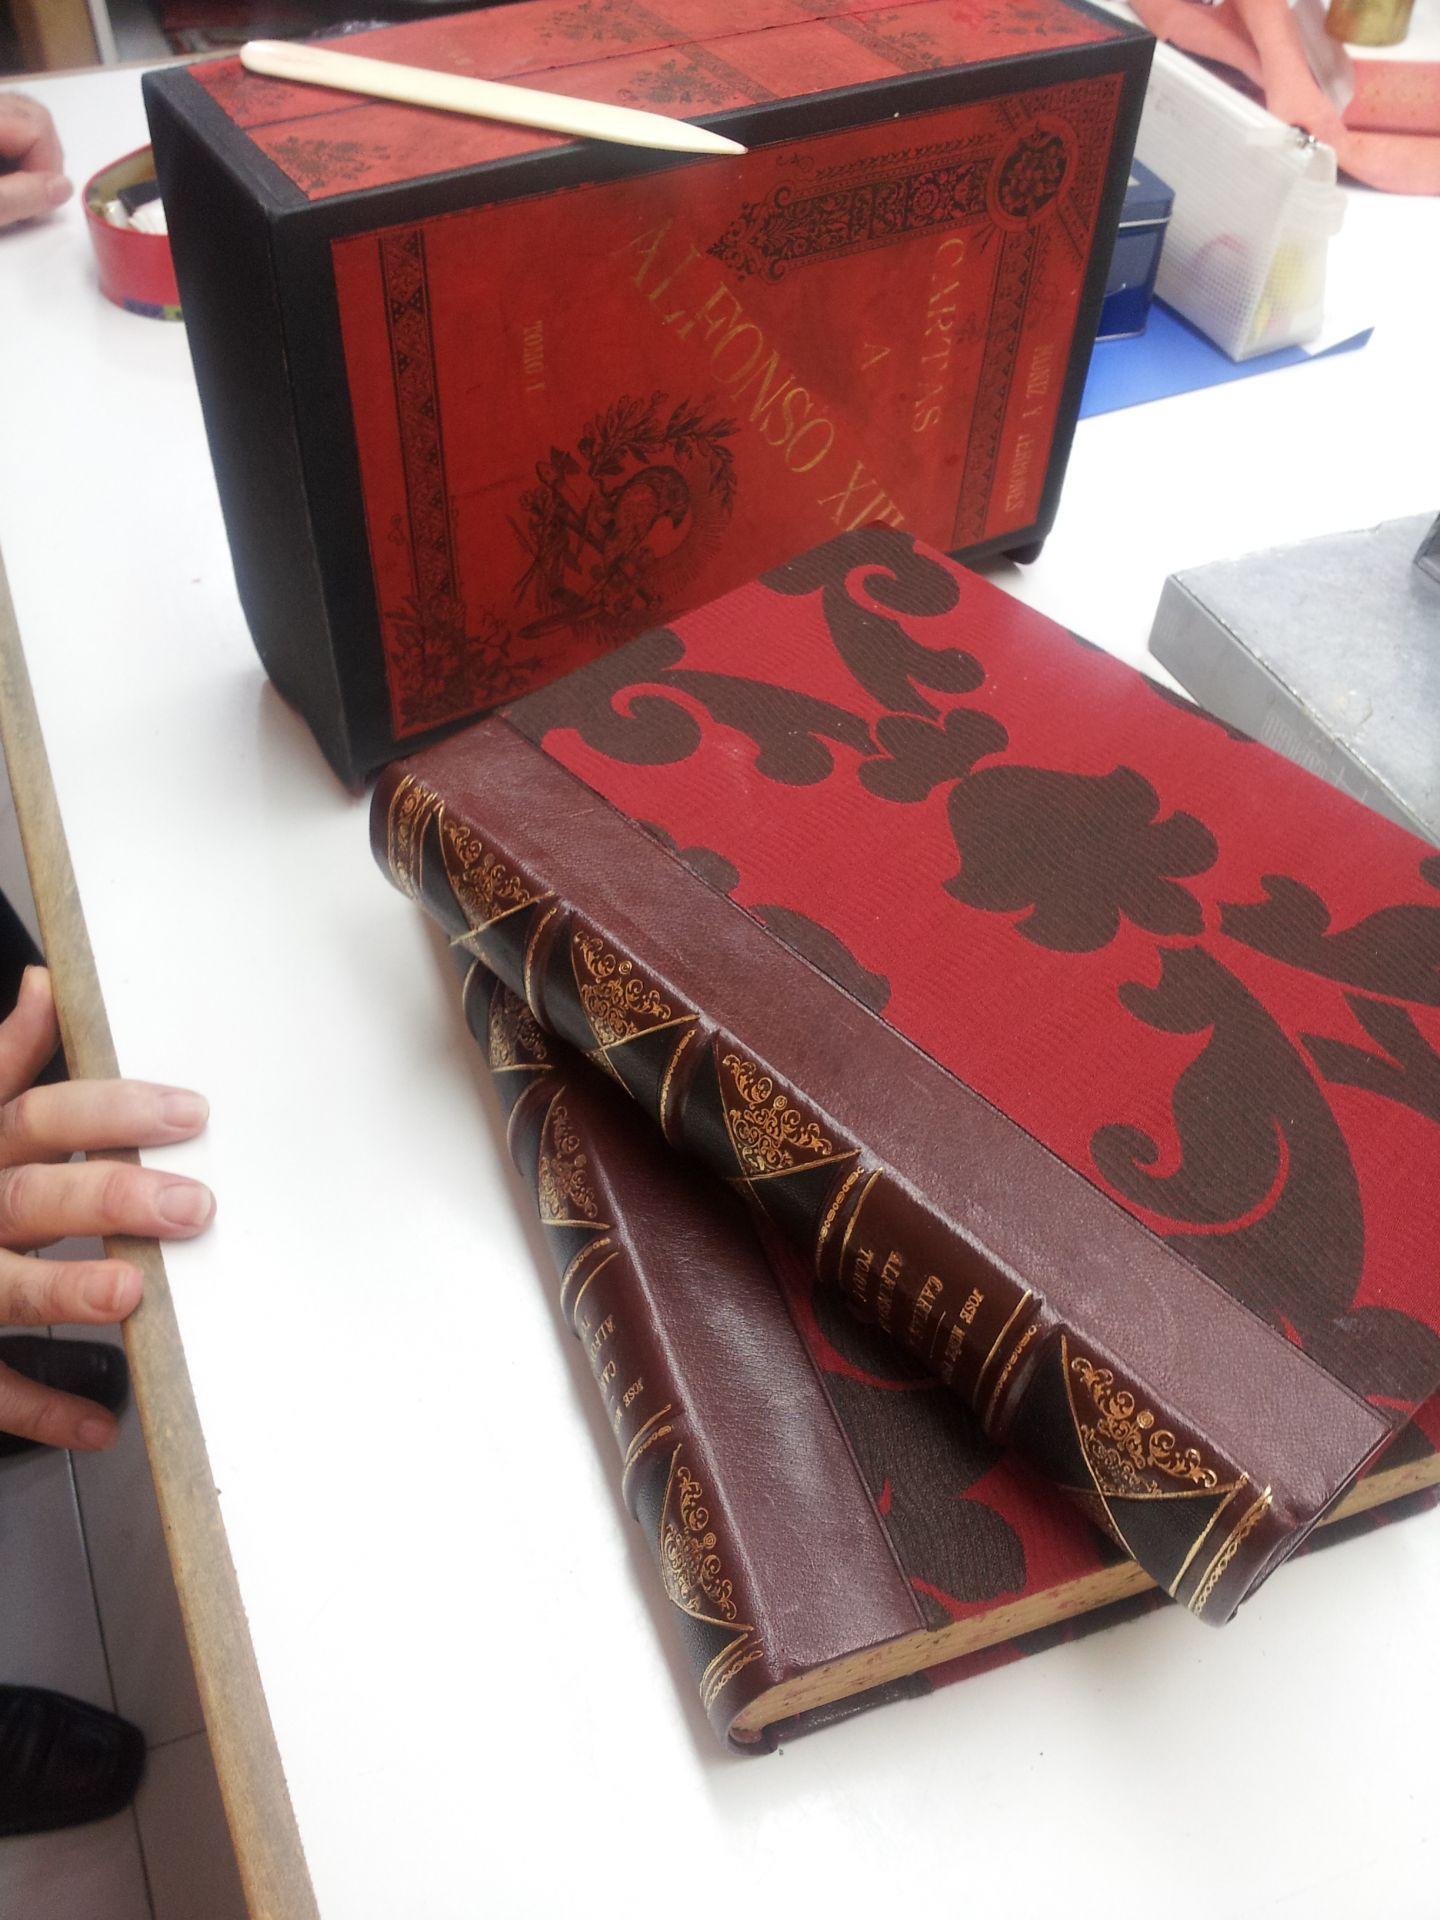 estuche 2 con sus libros